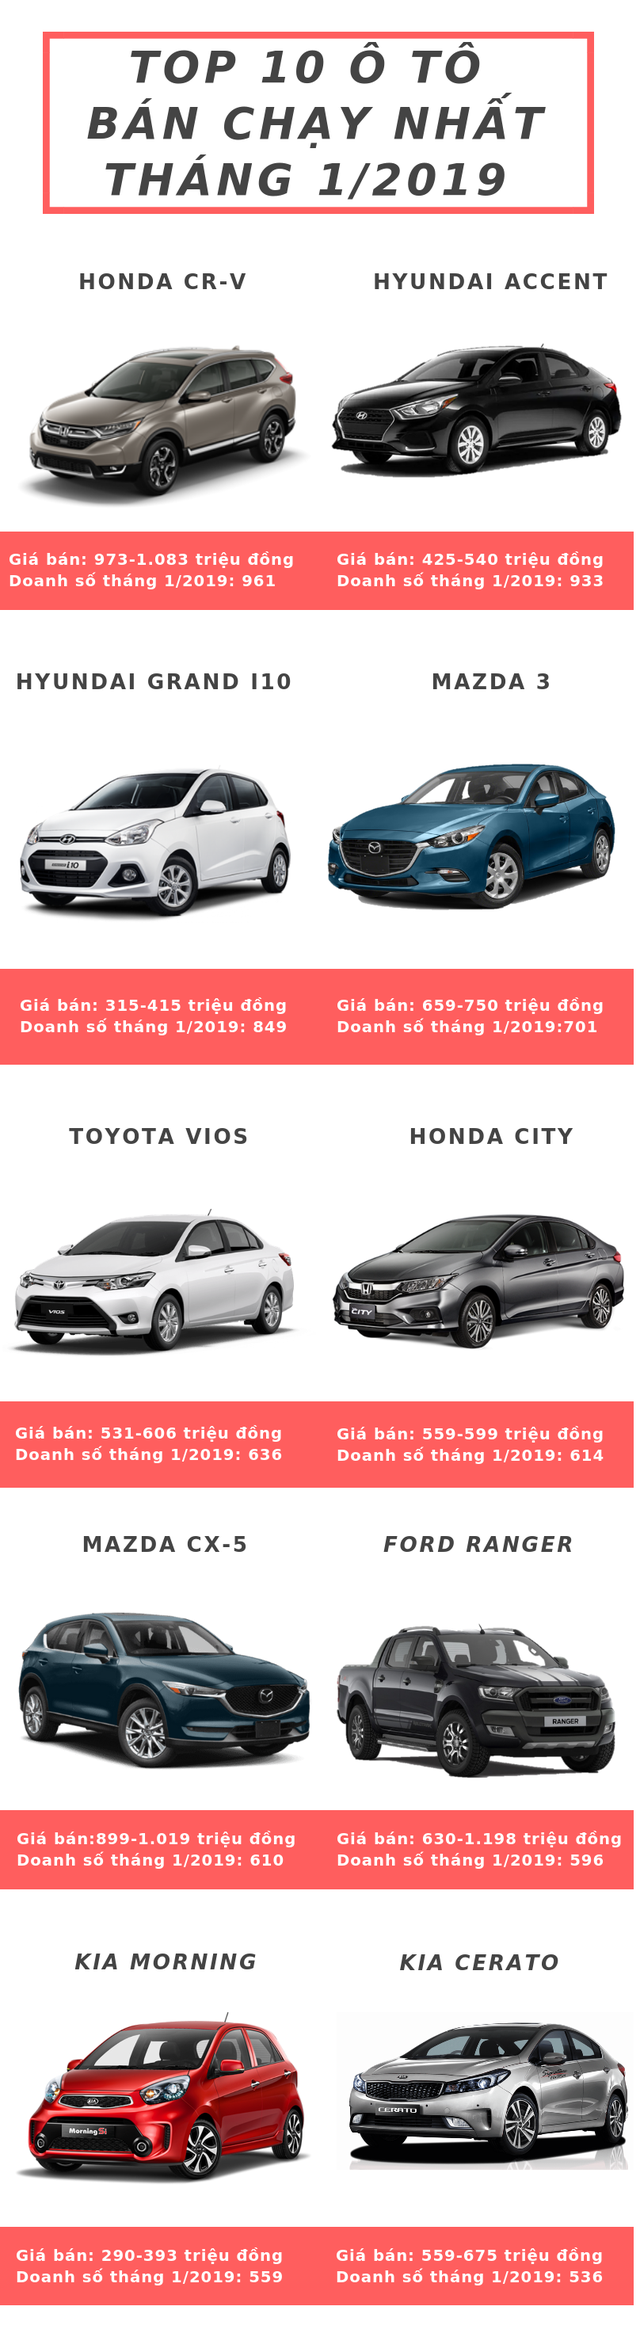 10 xe bán chạy nhất tháng 2/2019: CR-V tiếp tục dẫn đầu, Vua doanh số rớt hạng - Ảnh 1.